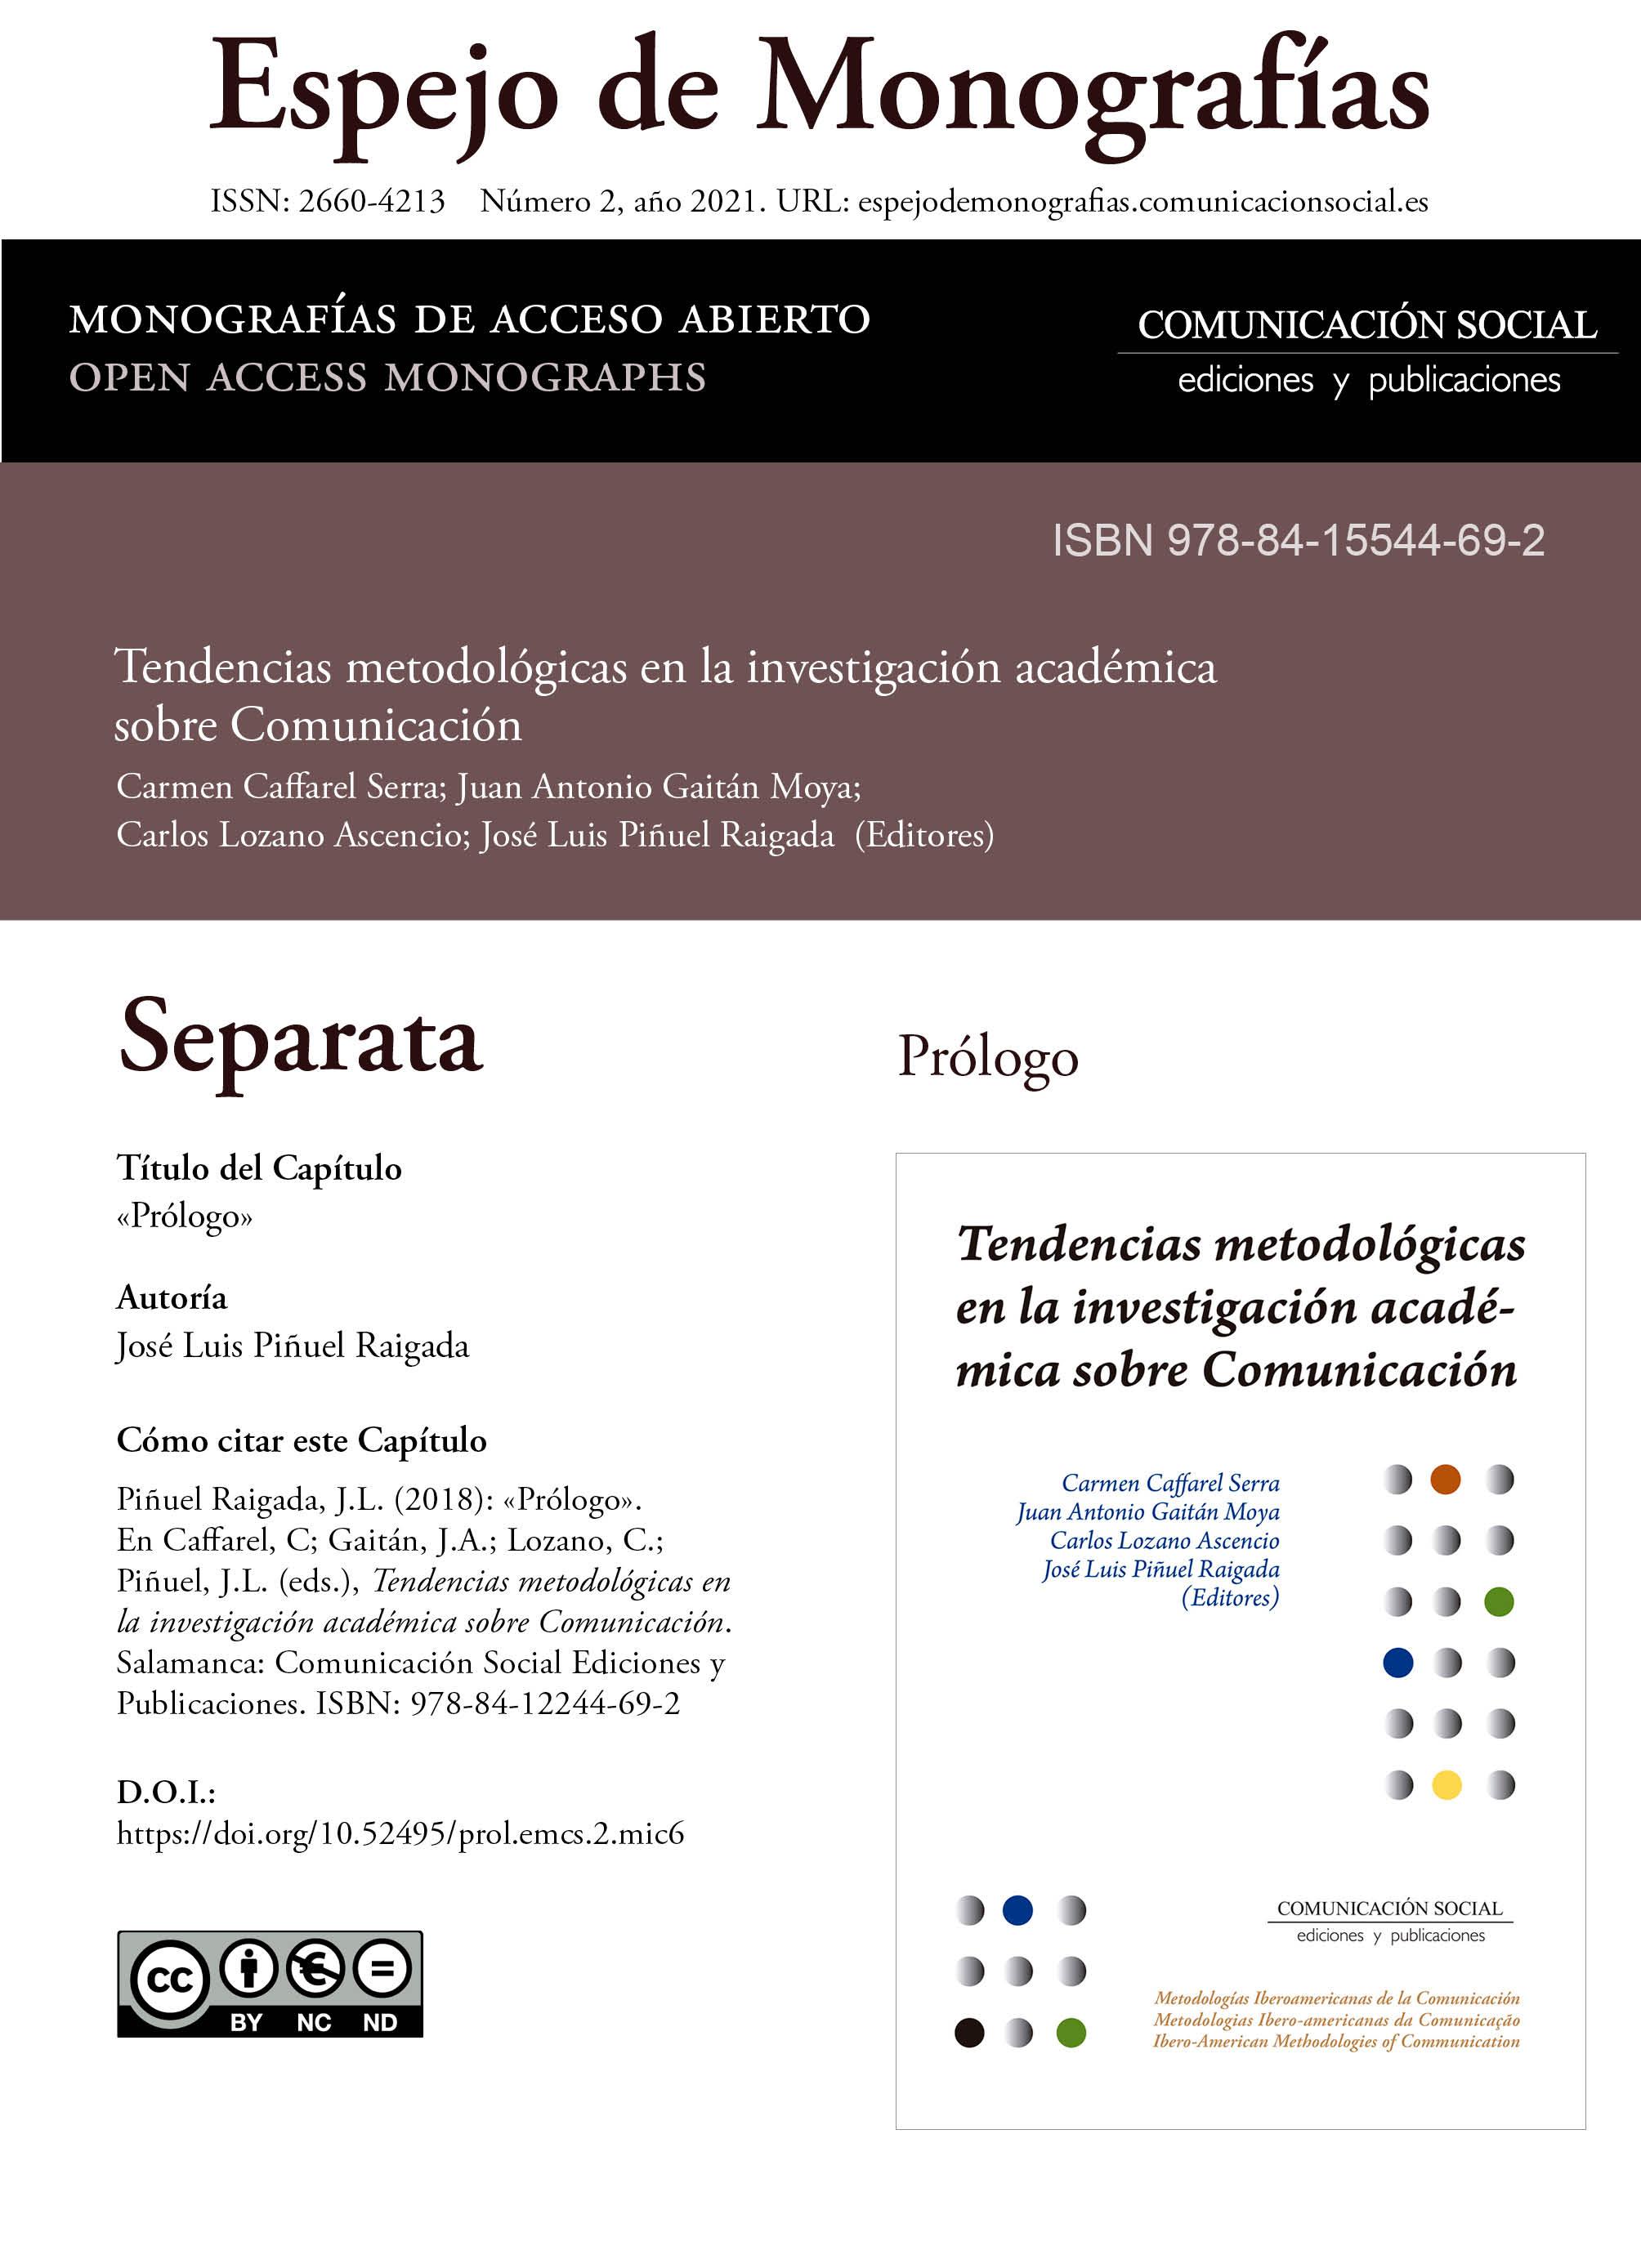 Separata_ prologo